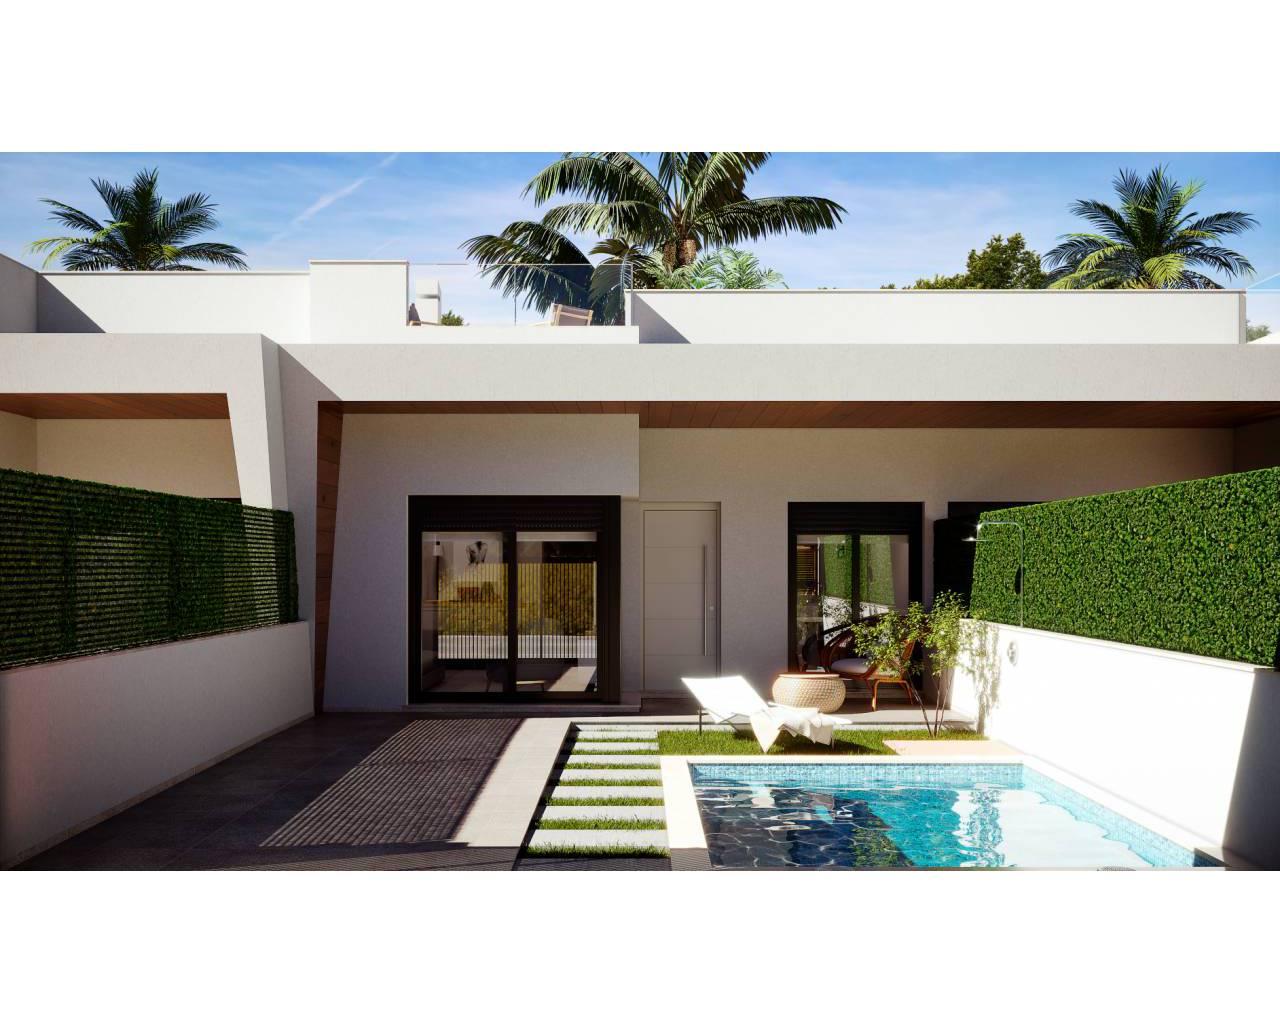 nieuwbouw-half-vrijstaande-villa-los-alcazares-roda-golf_4582_xl